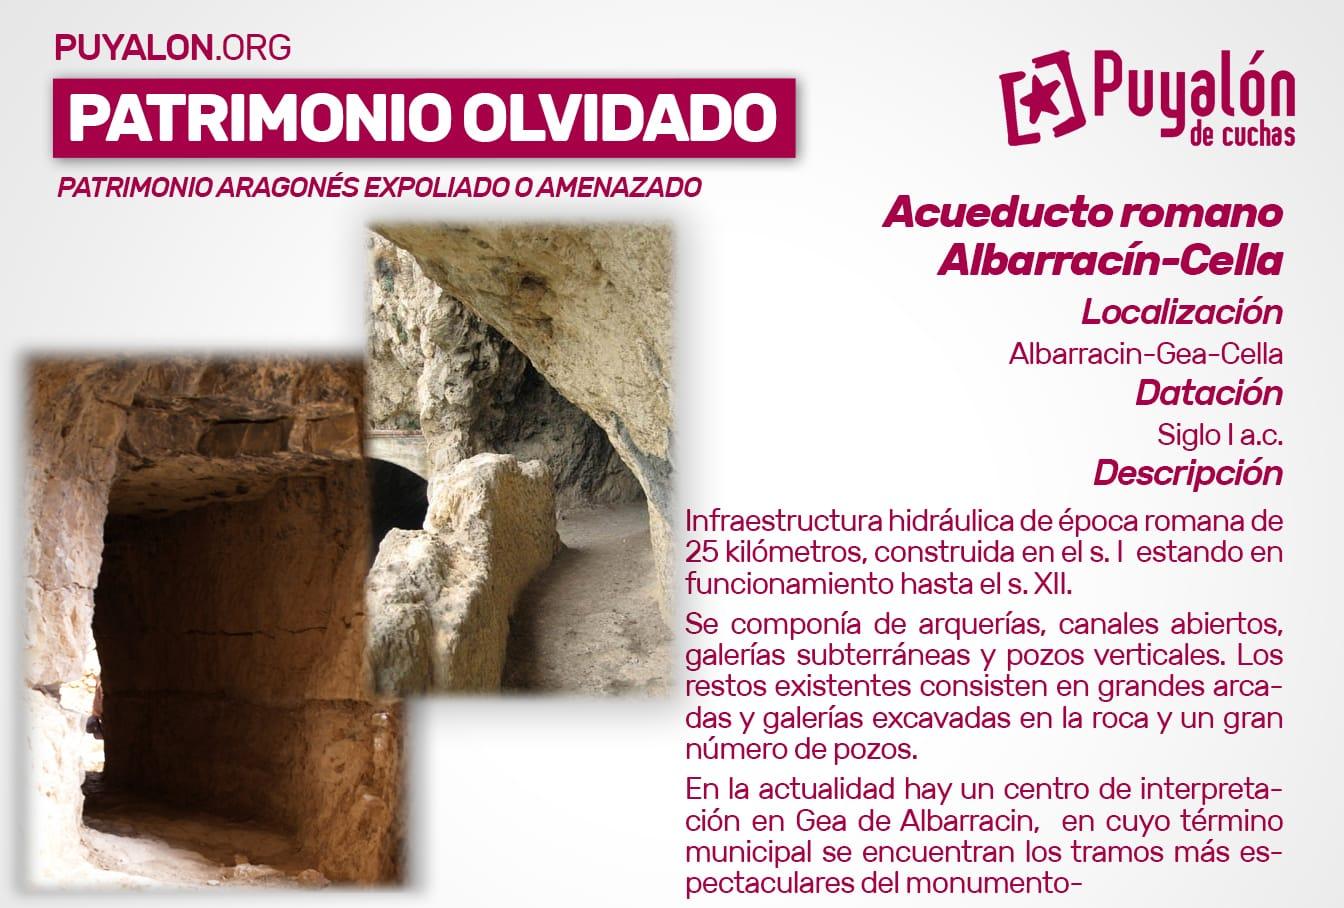 Acueducto romano Albarracín Cella